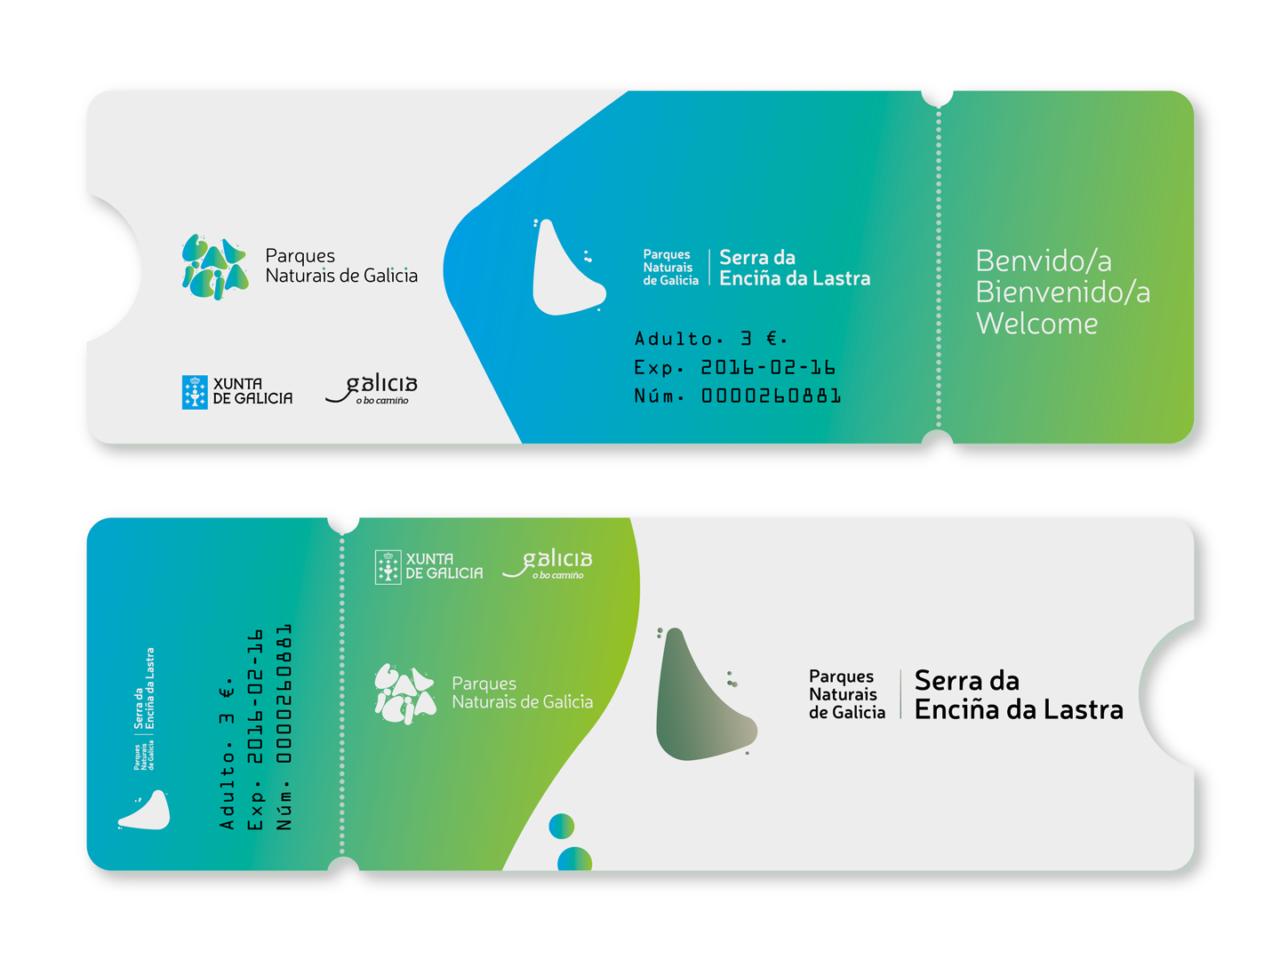 Identidade corporativa de Parques Naturais de Galicia 7